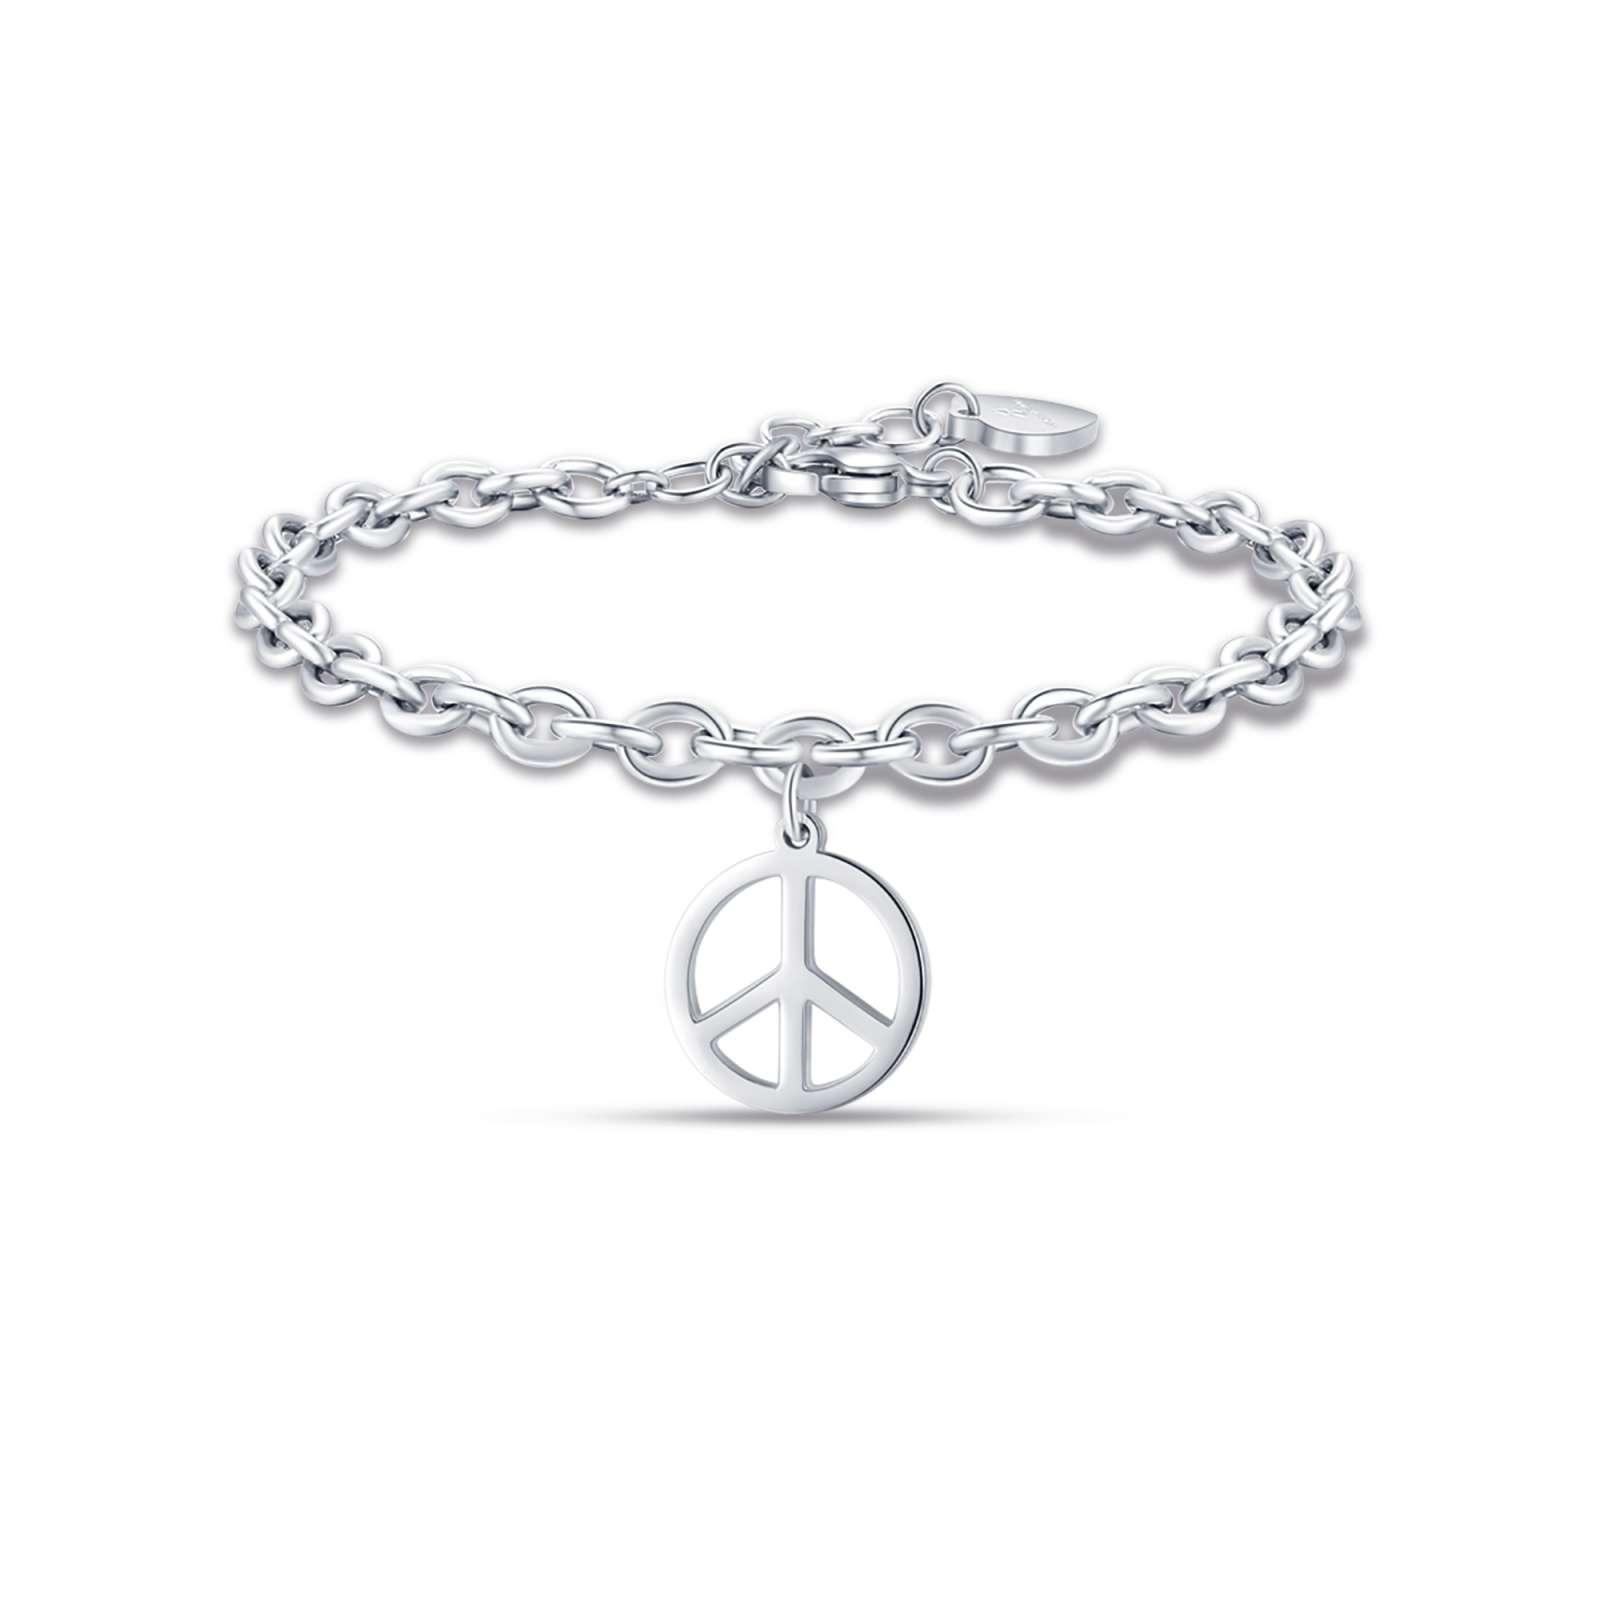 Luca Barra - Bracciale in acciaio con simbolo pace